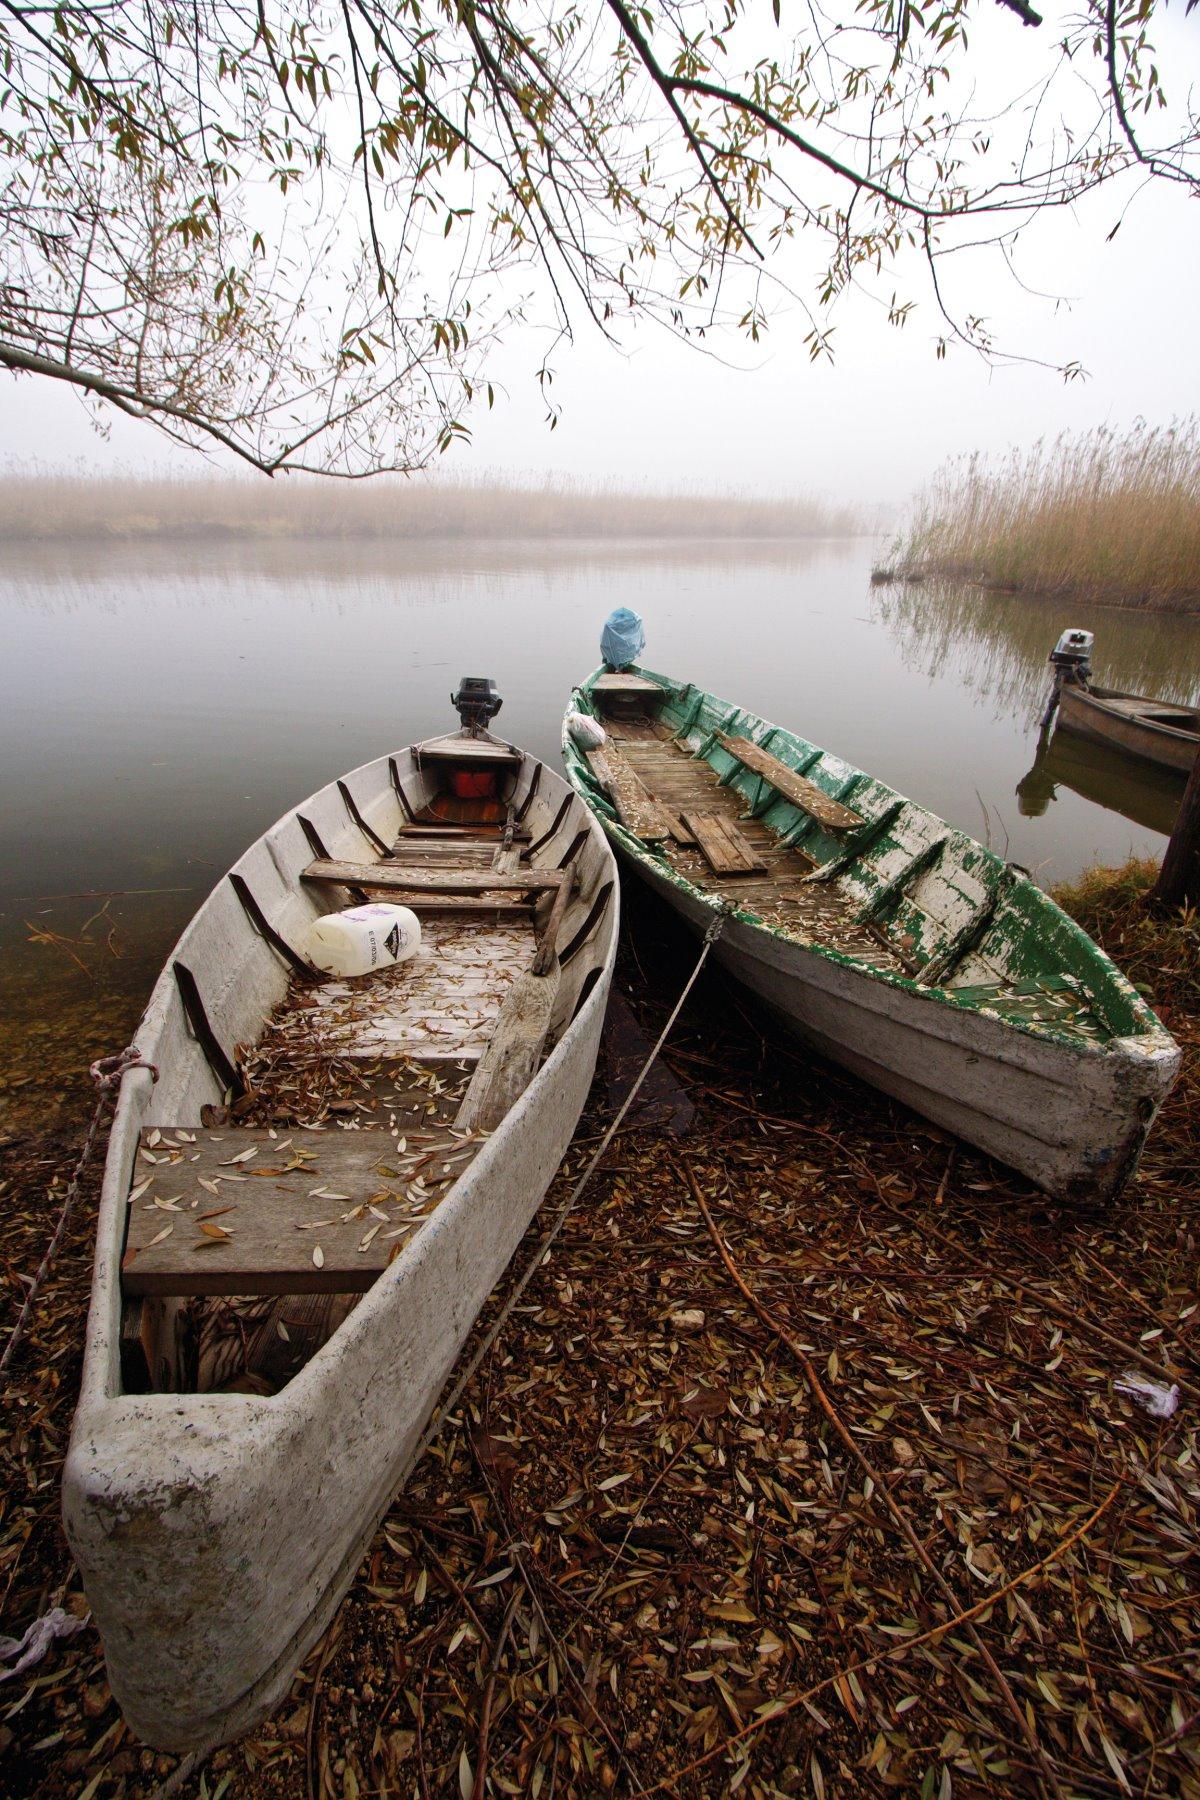 μοναστήρι νησάκι Ιωαννίνων με θέα στις βάρκες της λίμνης